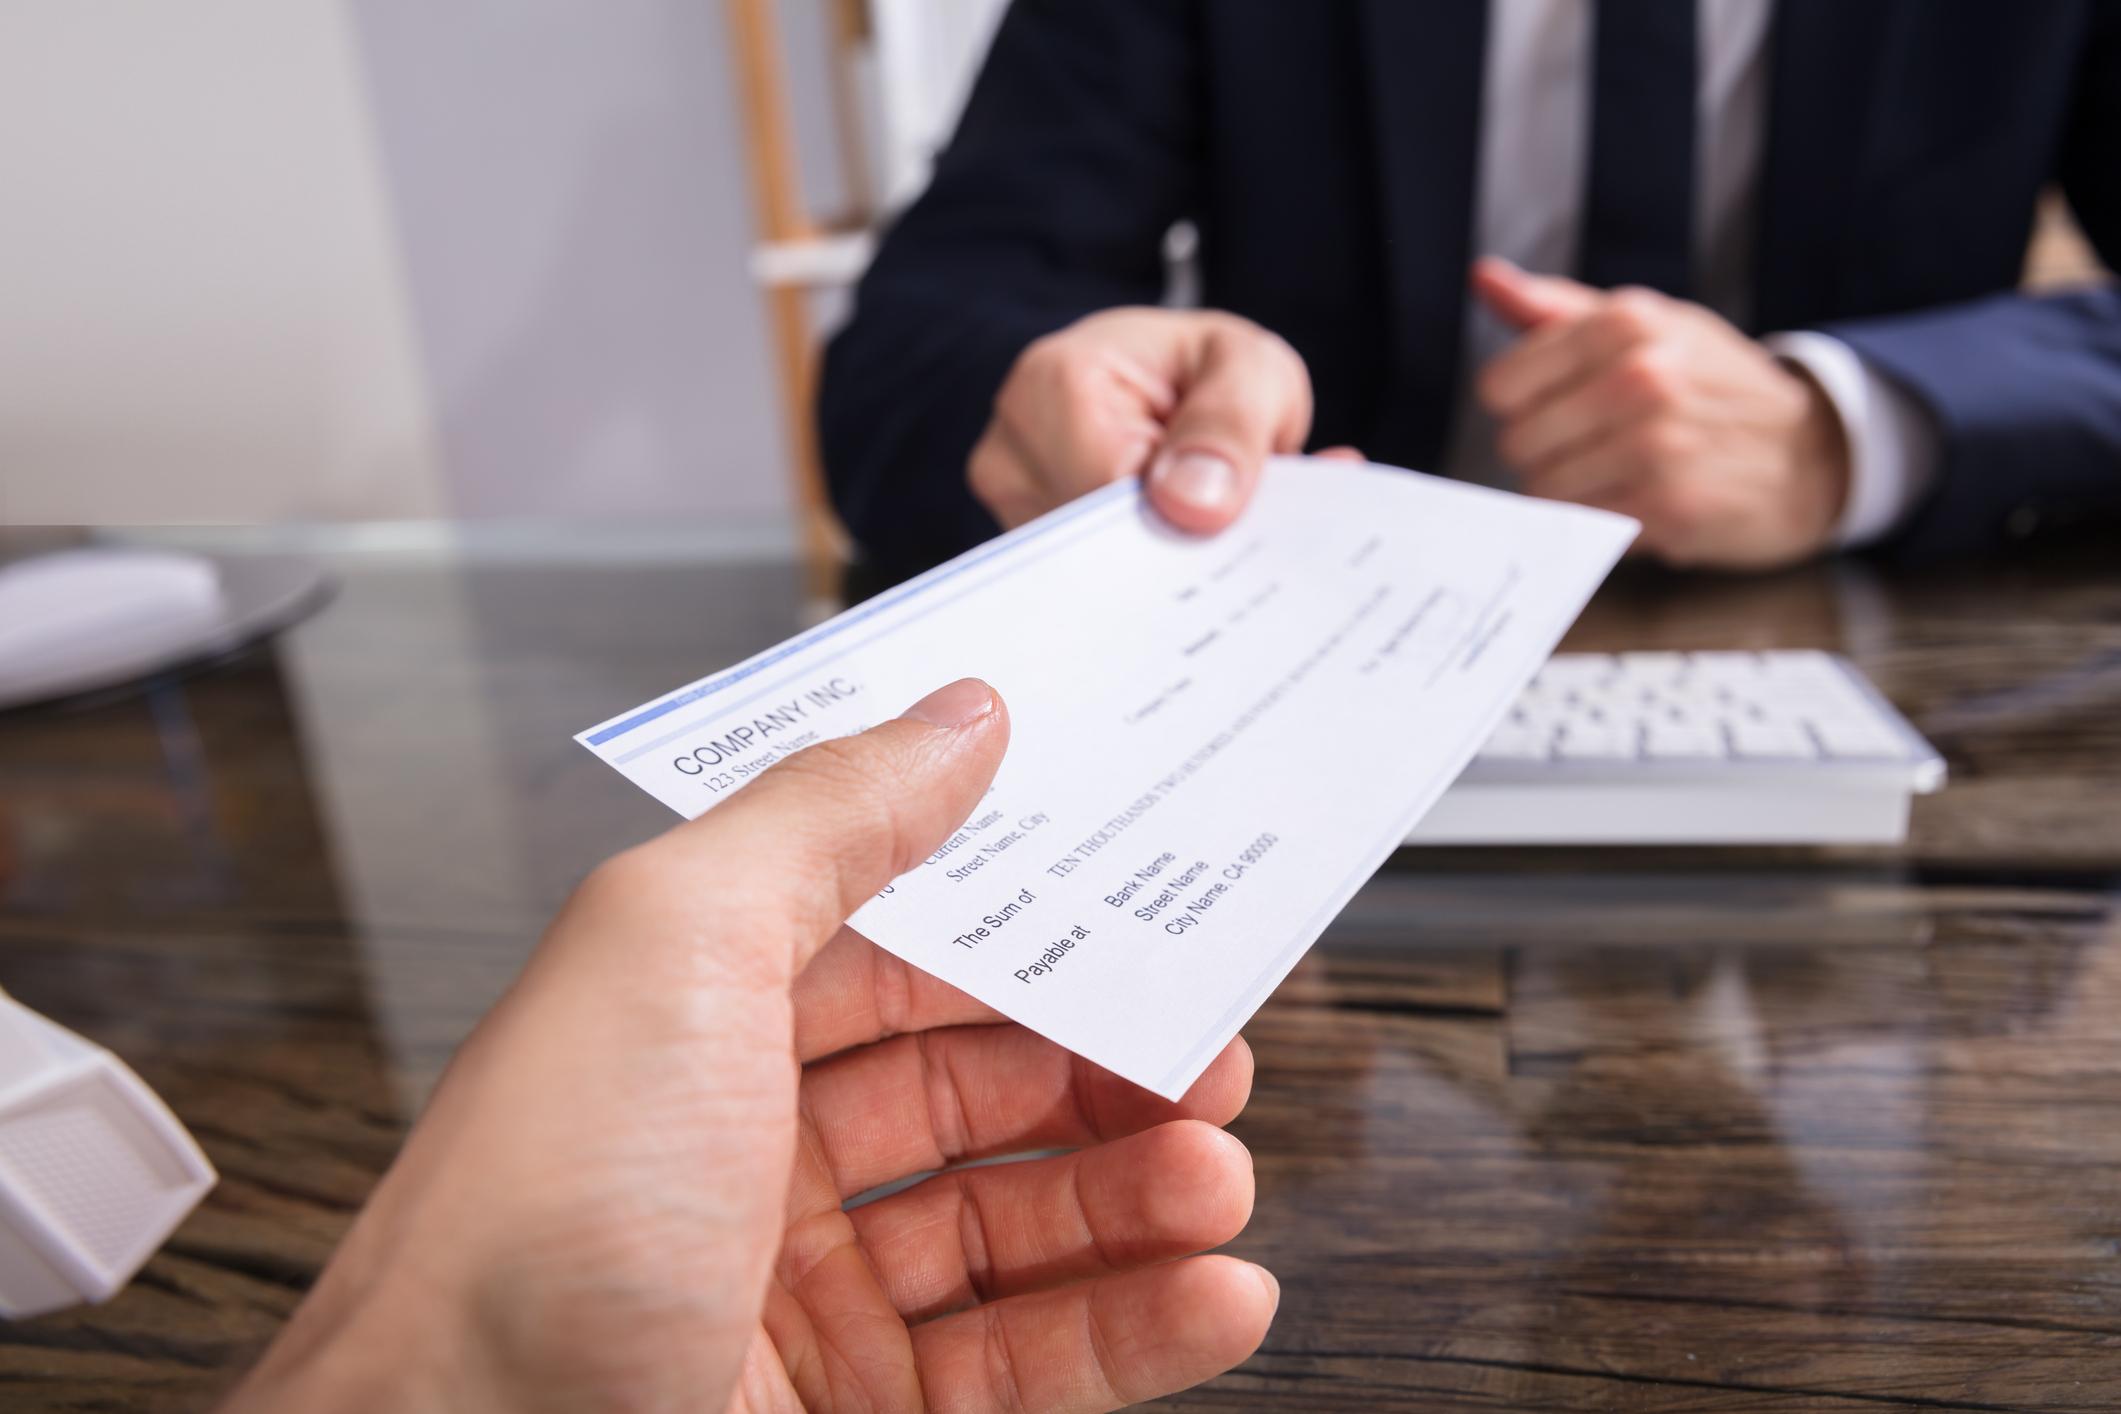 Handing ovder a check